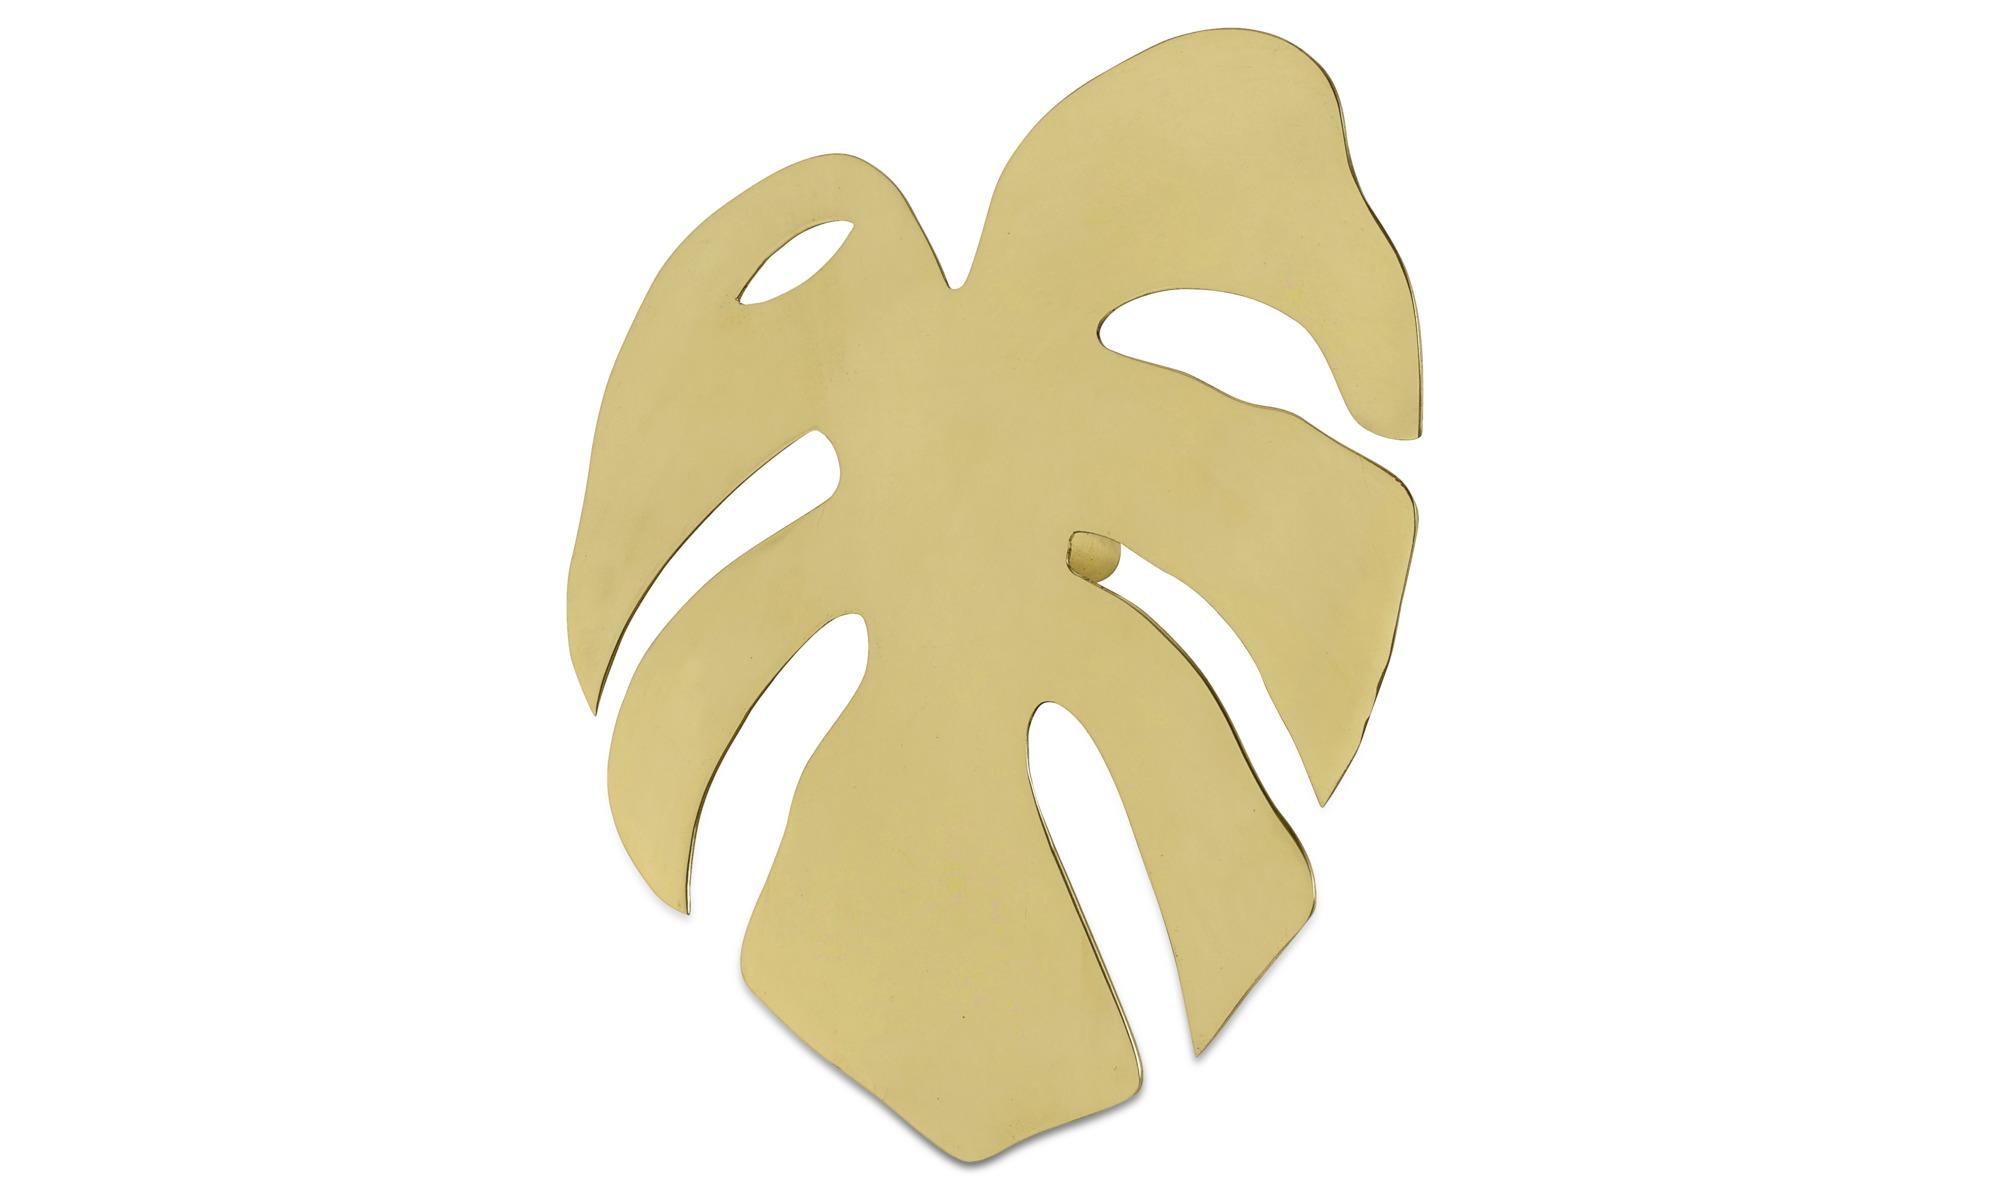 Dekoracja - Dekoracja ścienna Fingerfilodrendon - Żółty - Metal